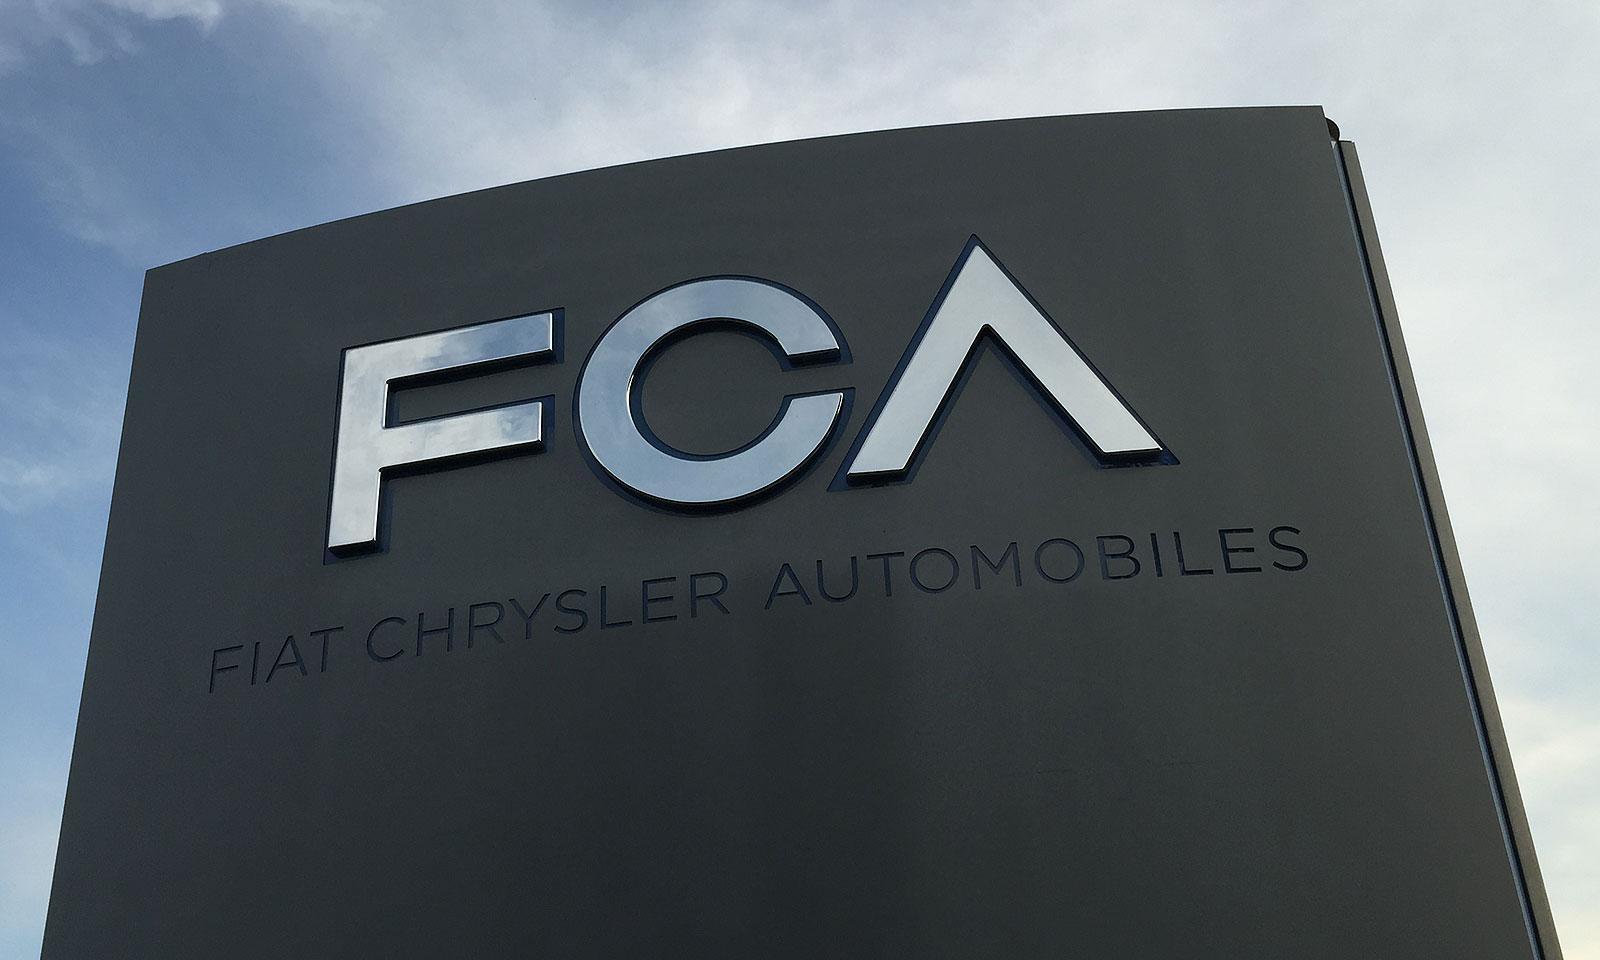 Fiat Chrysler pagherà a Tesla centinaia di milioni di euro